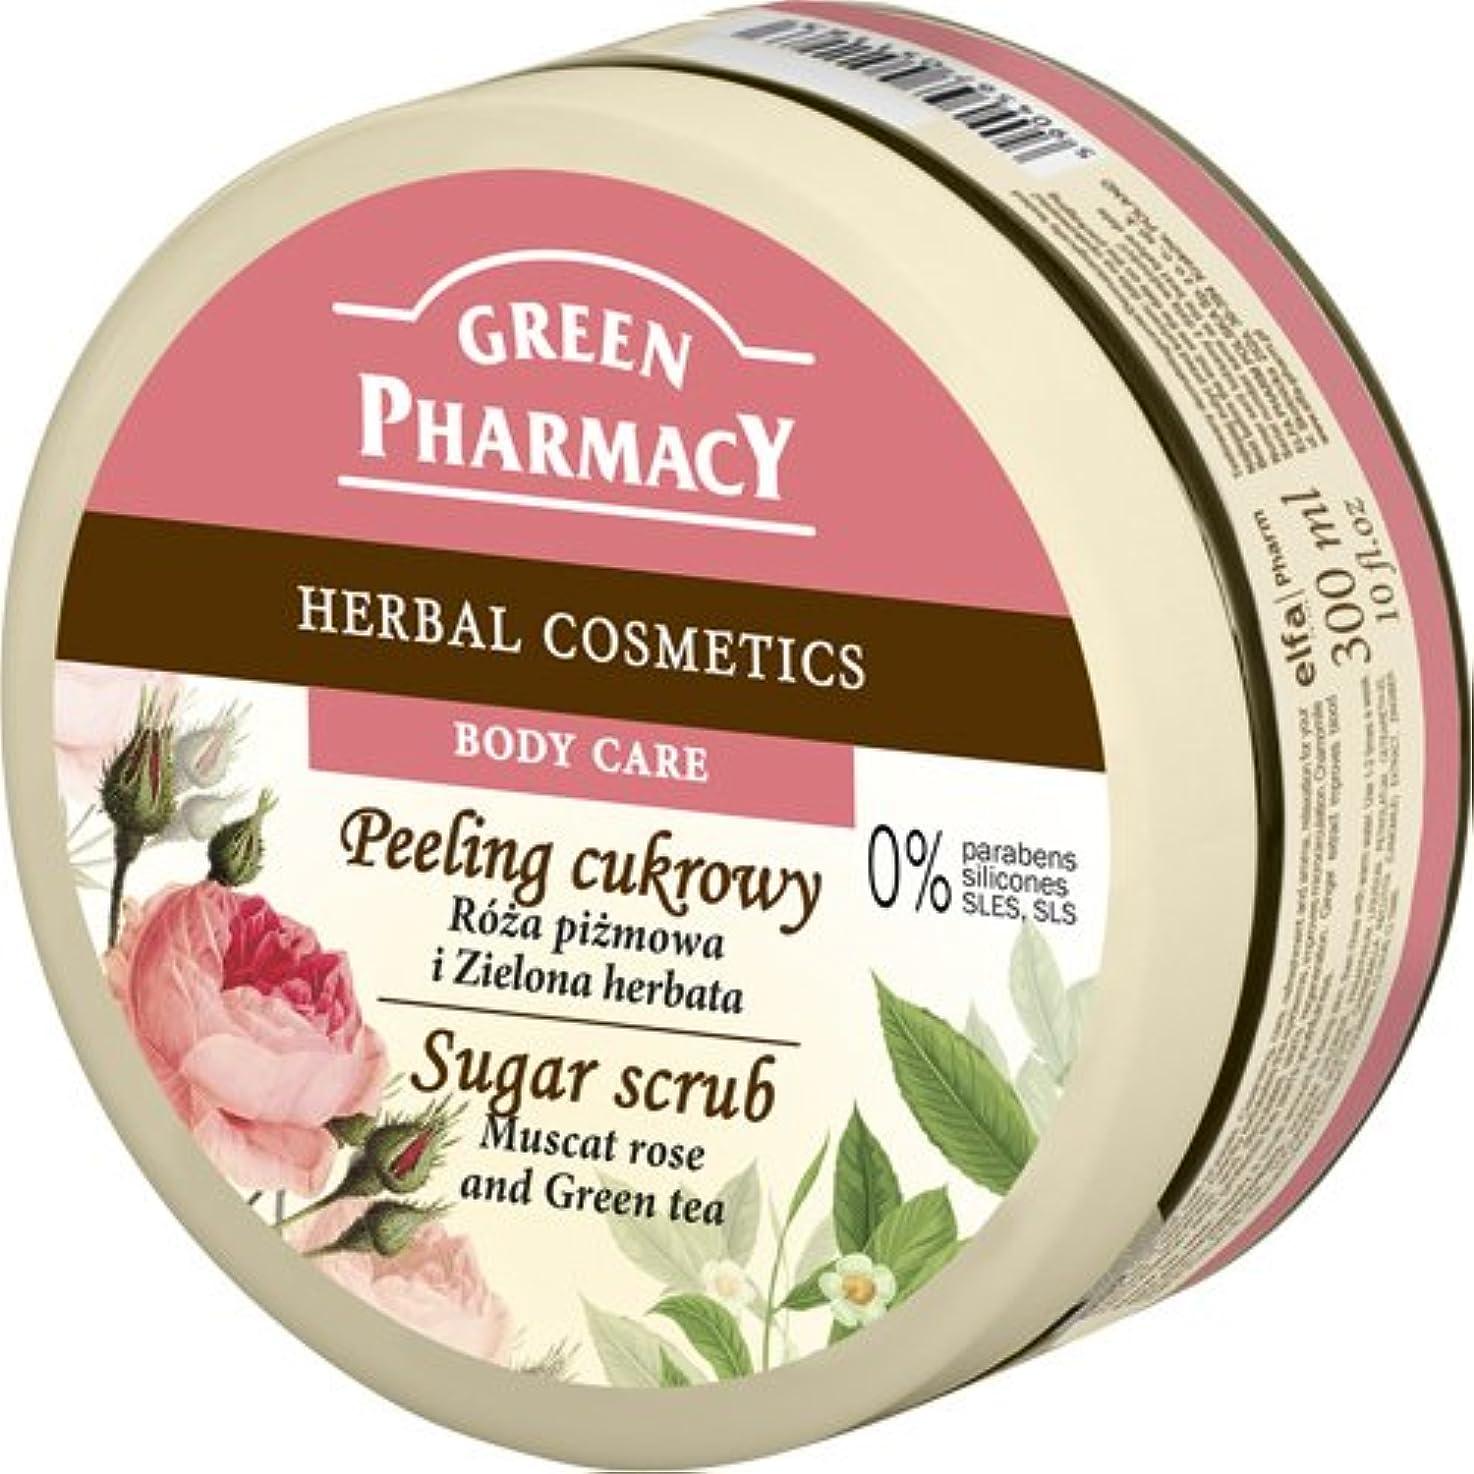 音楽家試してみる外国人Elfa Pharm Green Pharmacy Sugar Scrub シュガースクラブ Muscat Rose and Green Tea